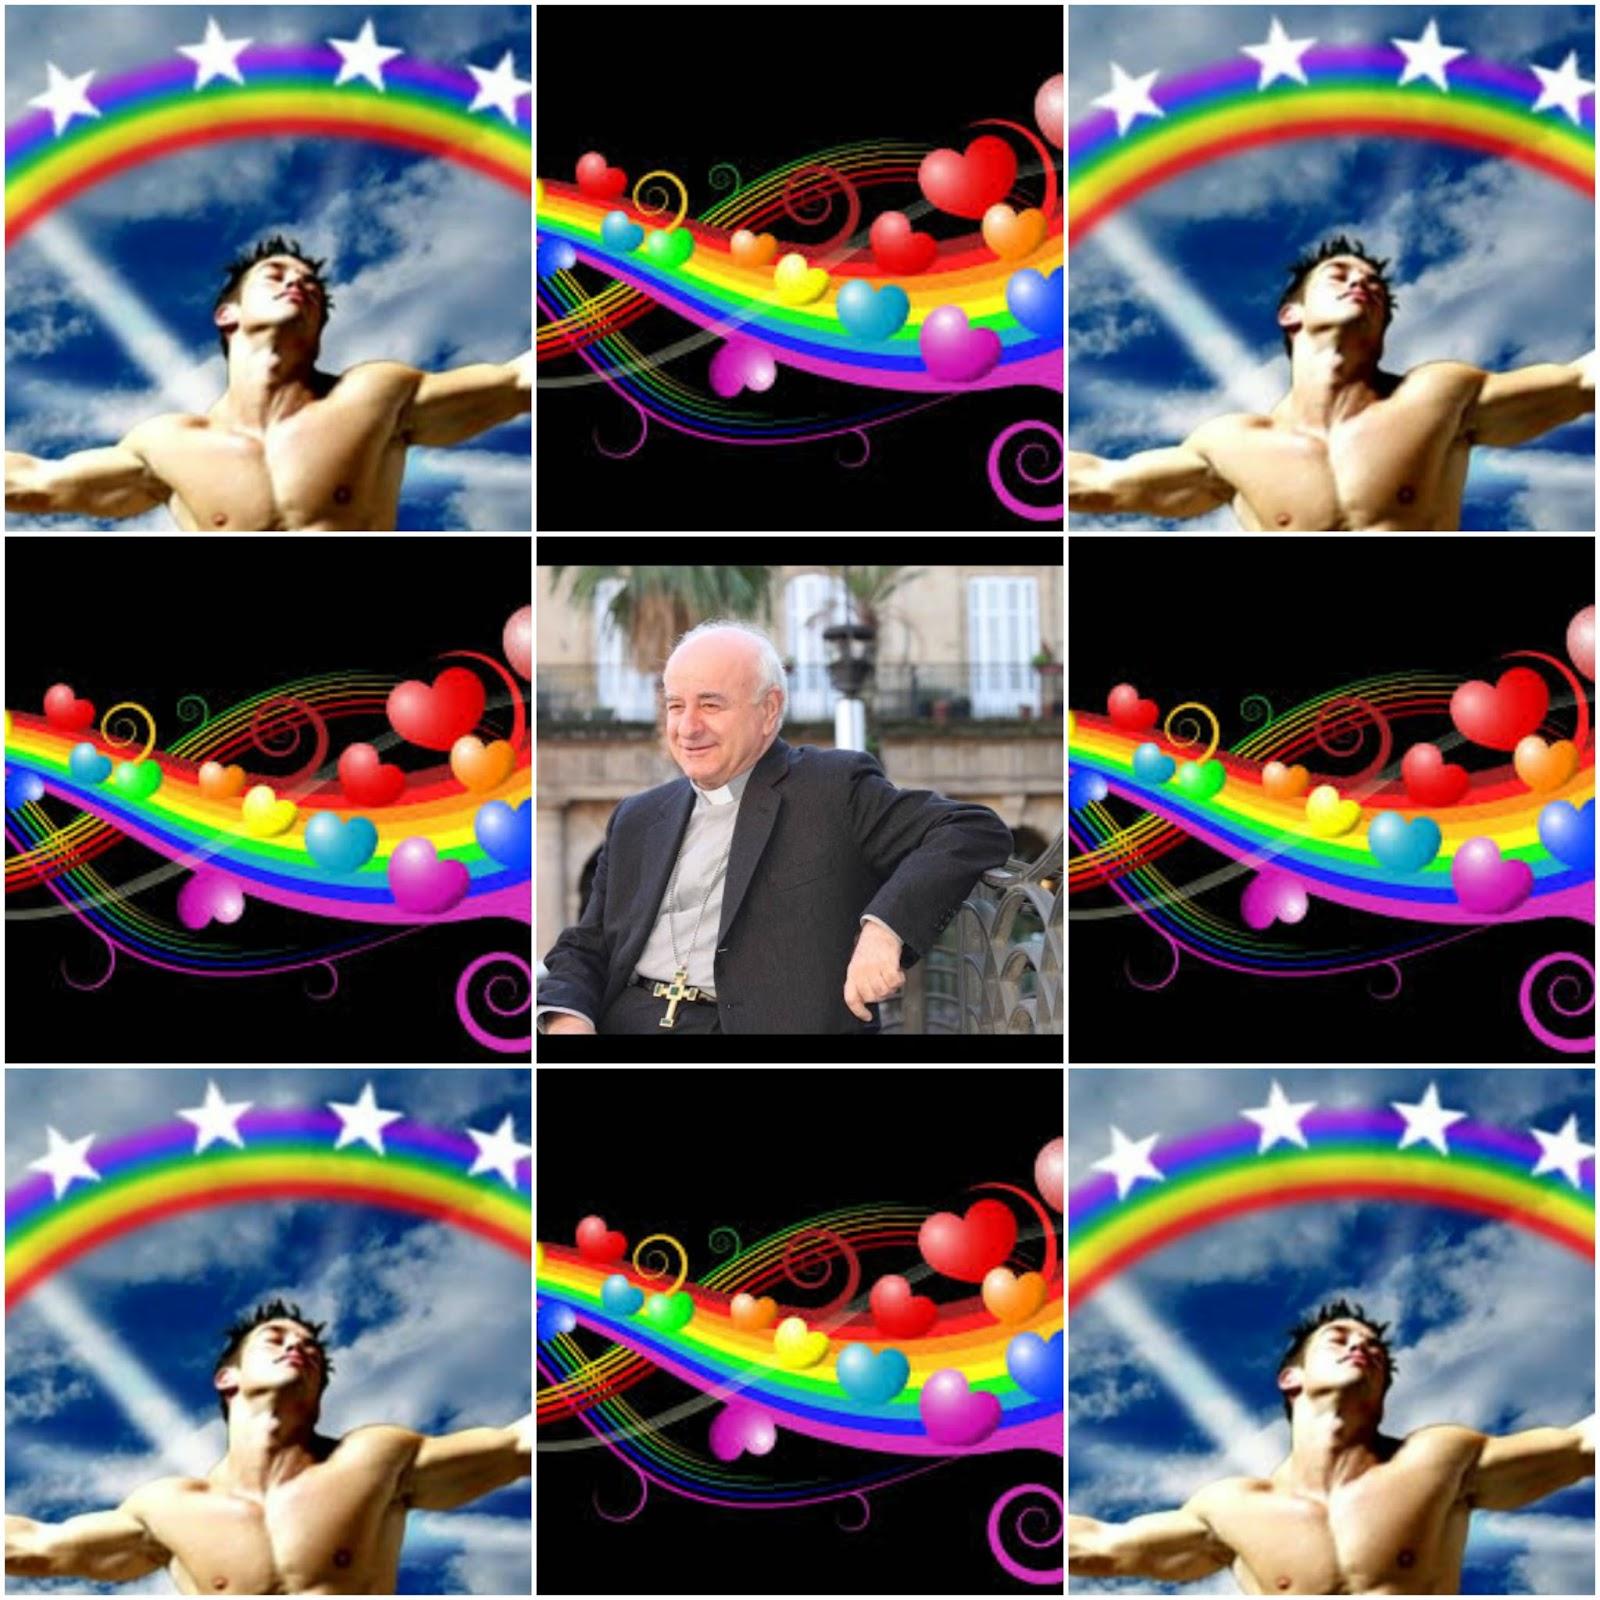 Arzob. Paglia se declara homosexual en un mural homoerótico que encargó